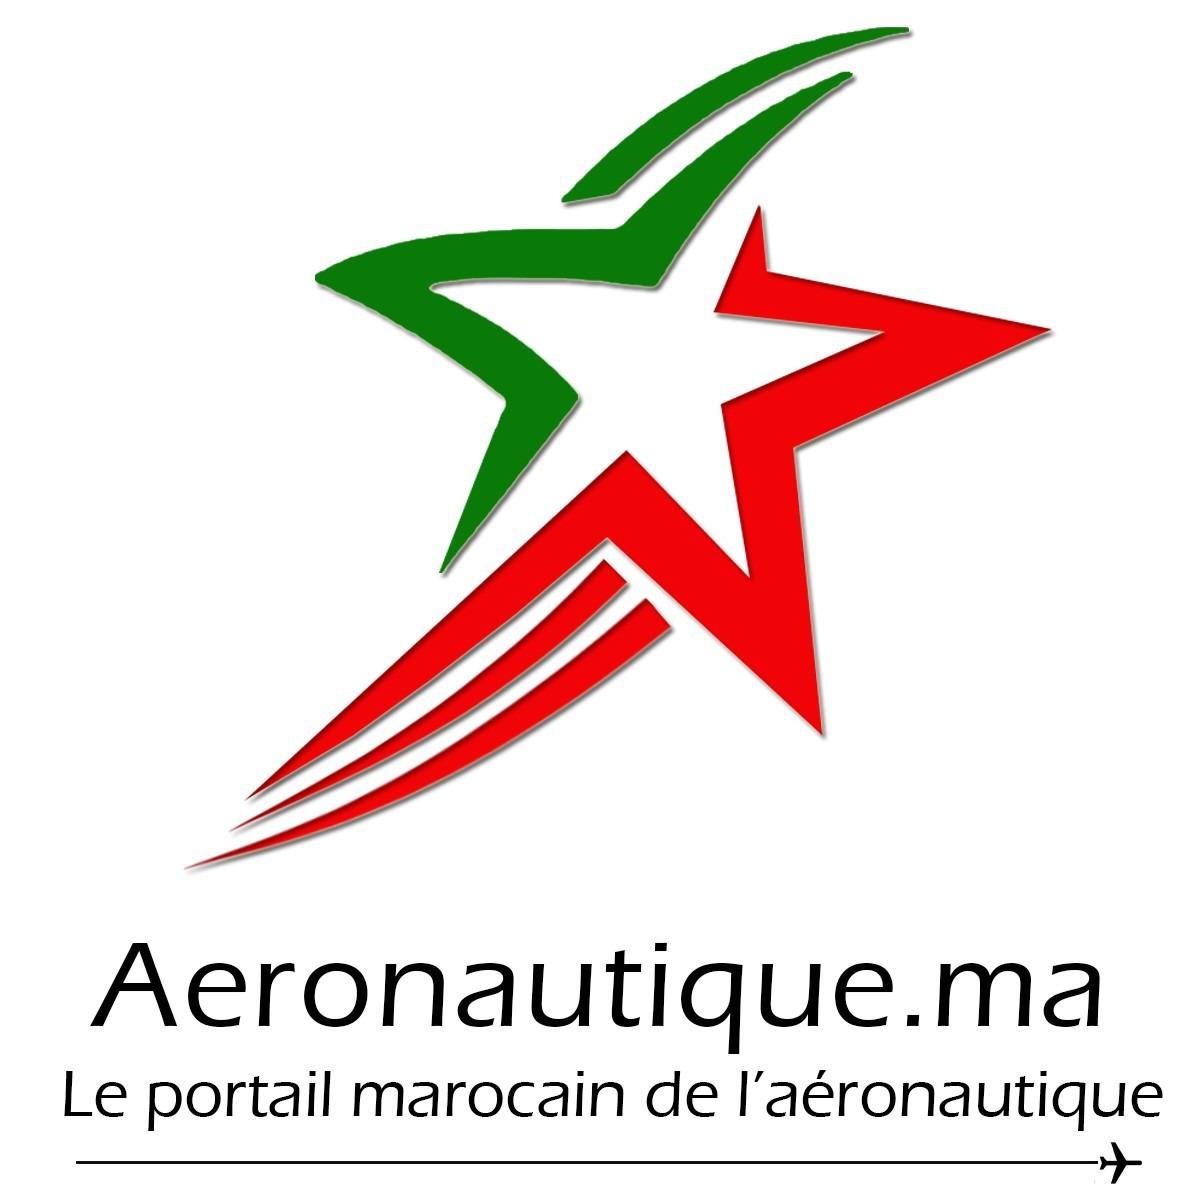 (c) Aeronautique.ma